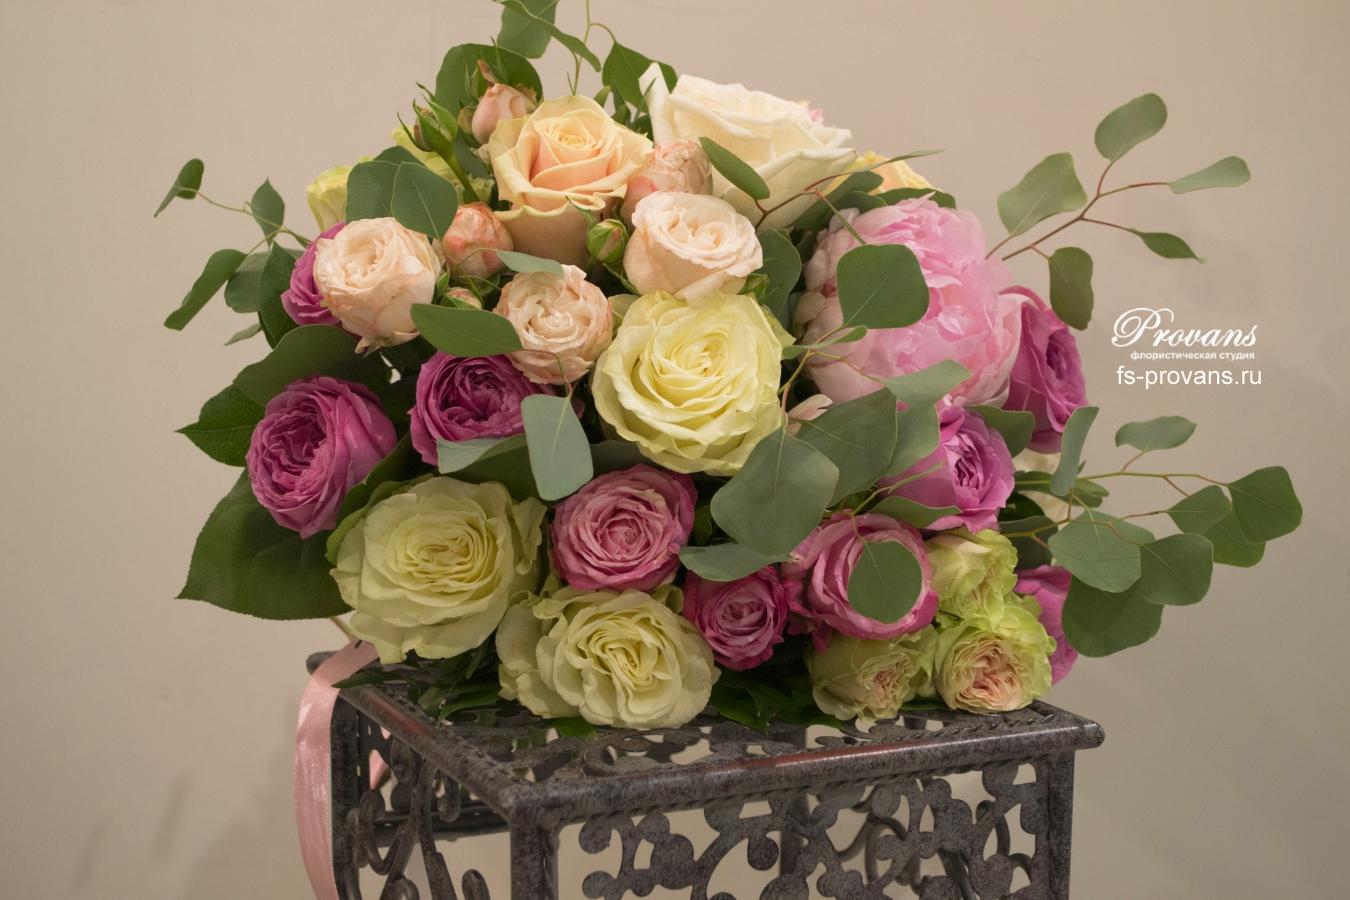 Букет на день рождения. Пионы, розы